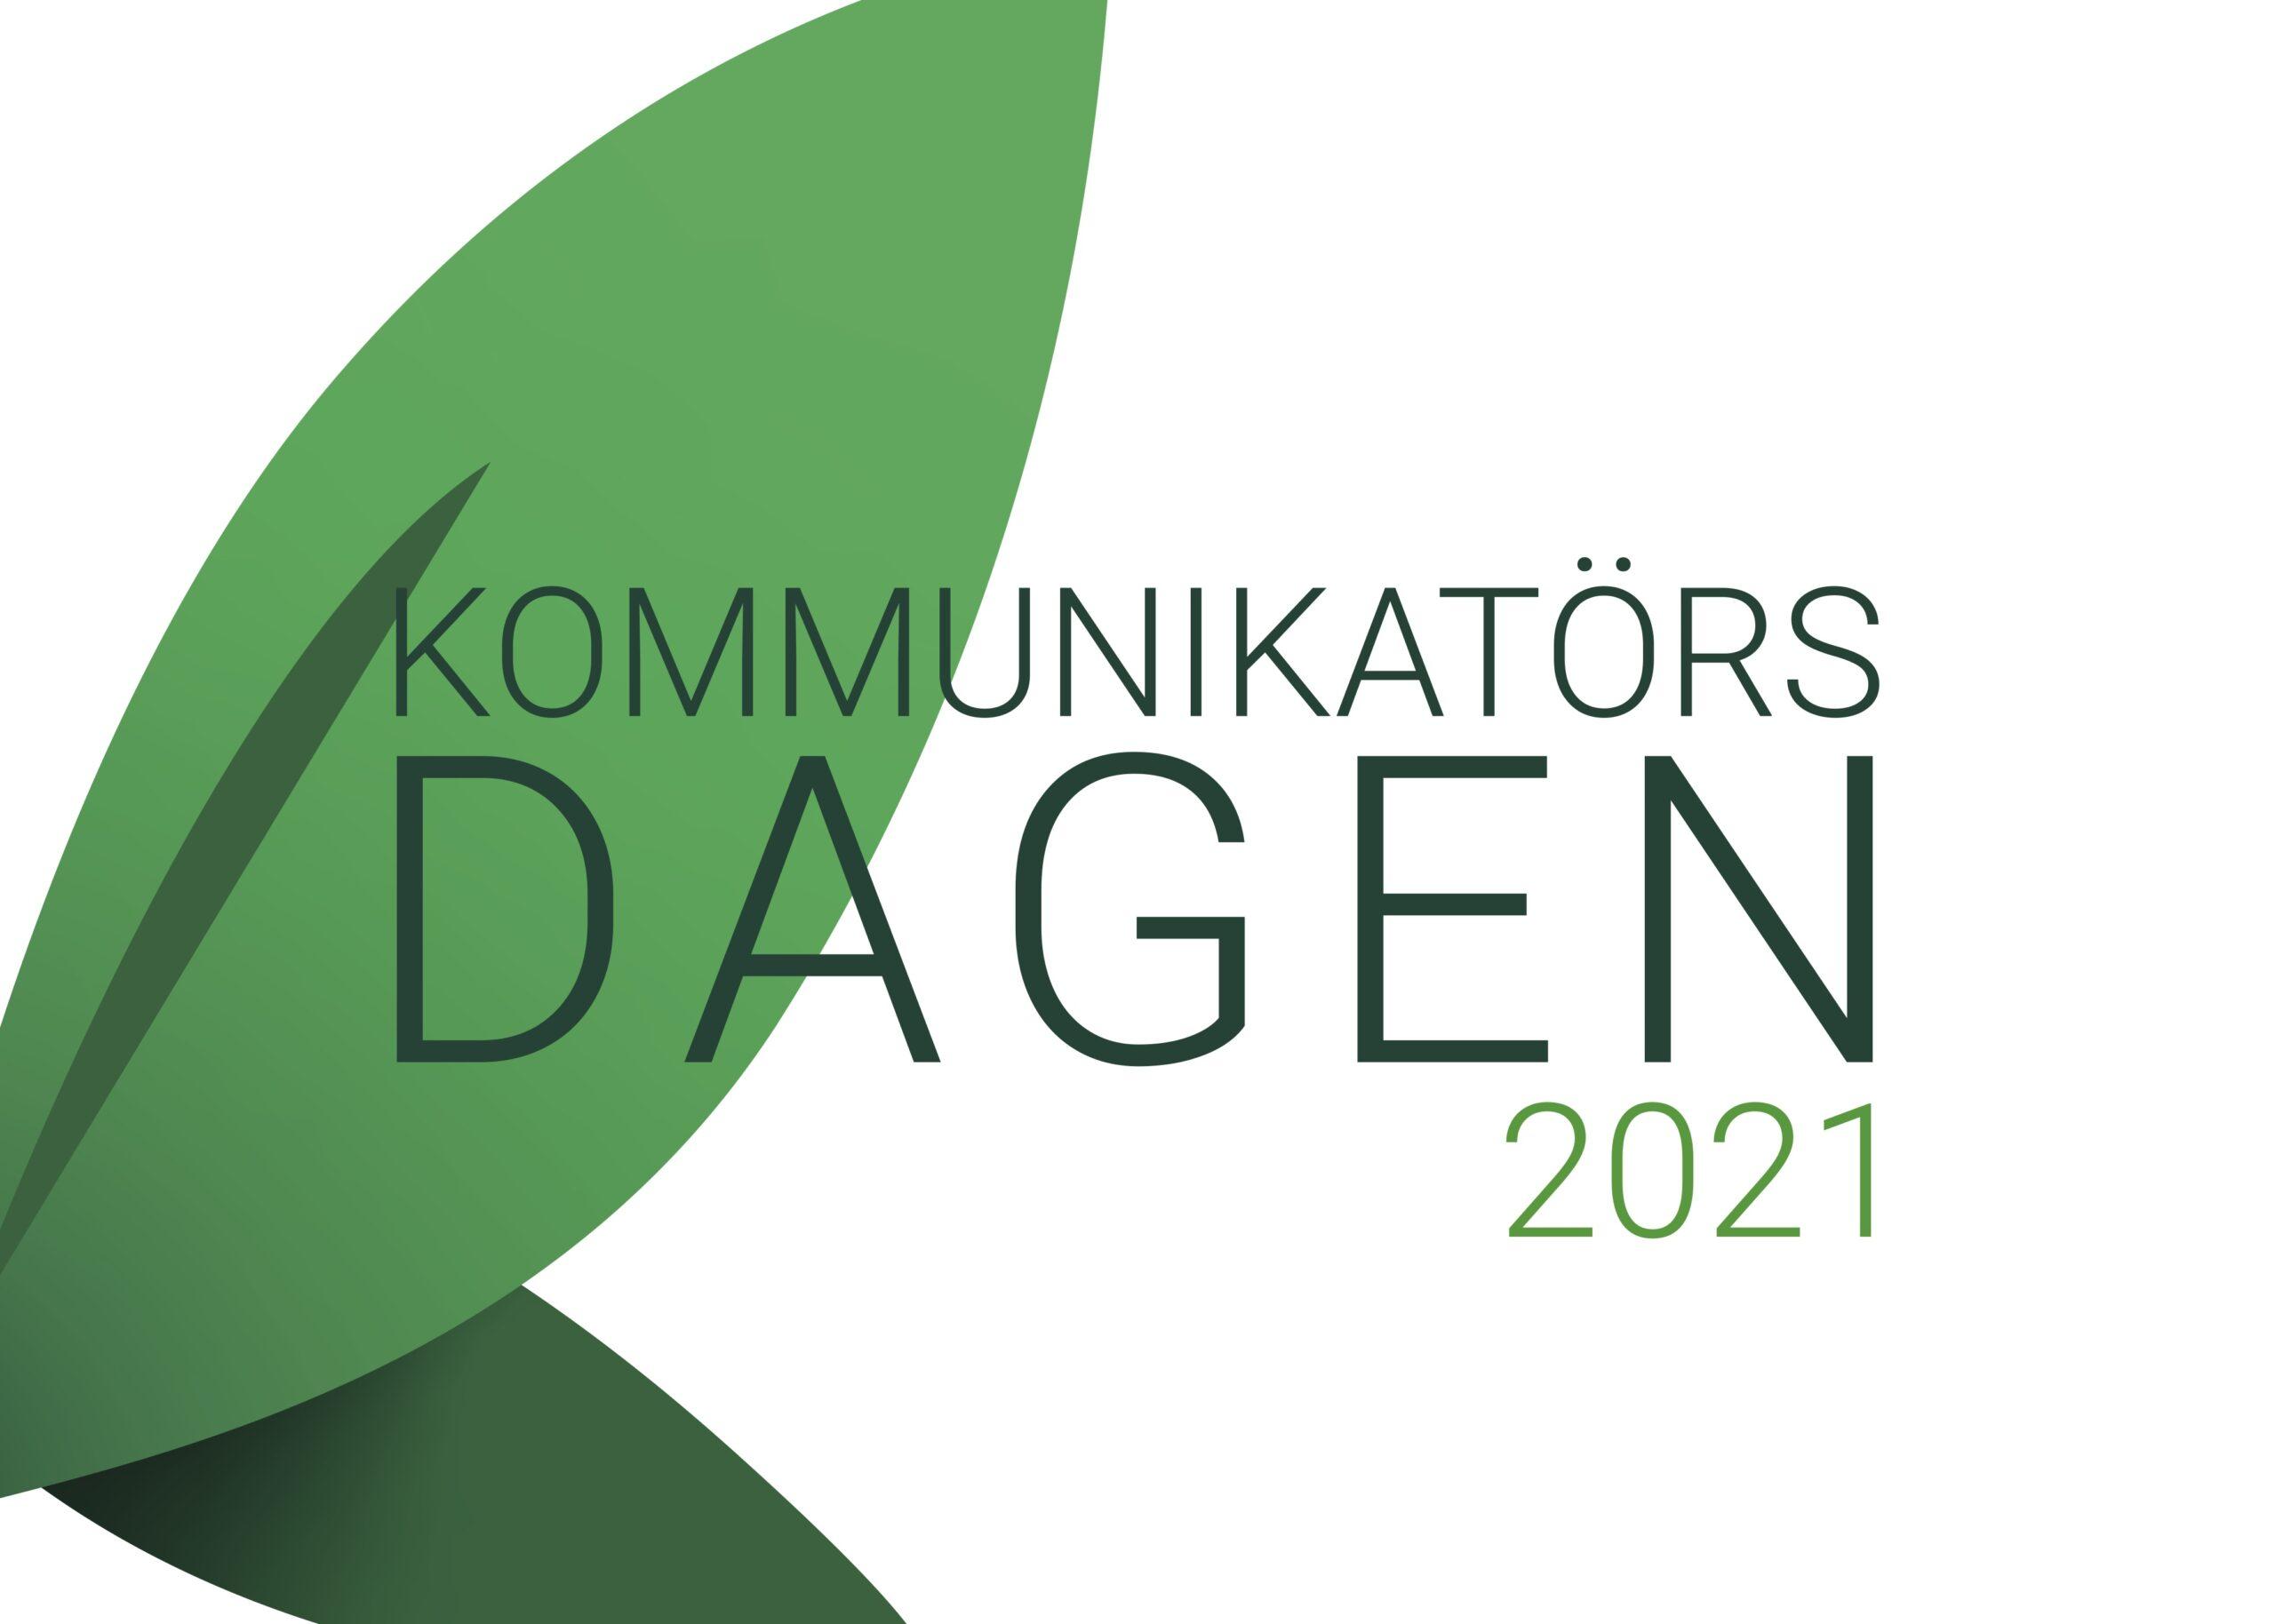 Kommunikatörsdagen 2021